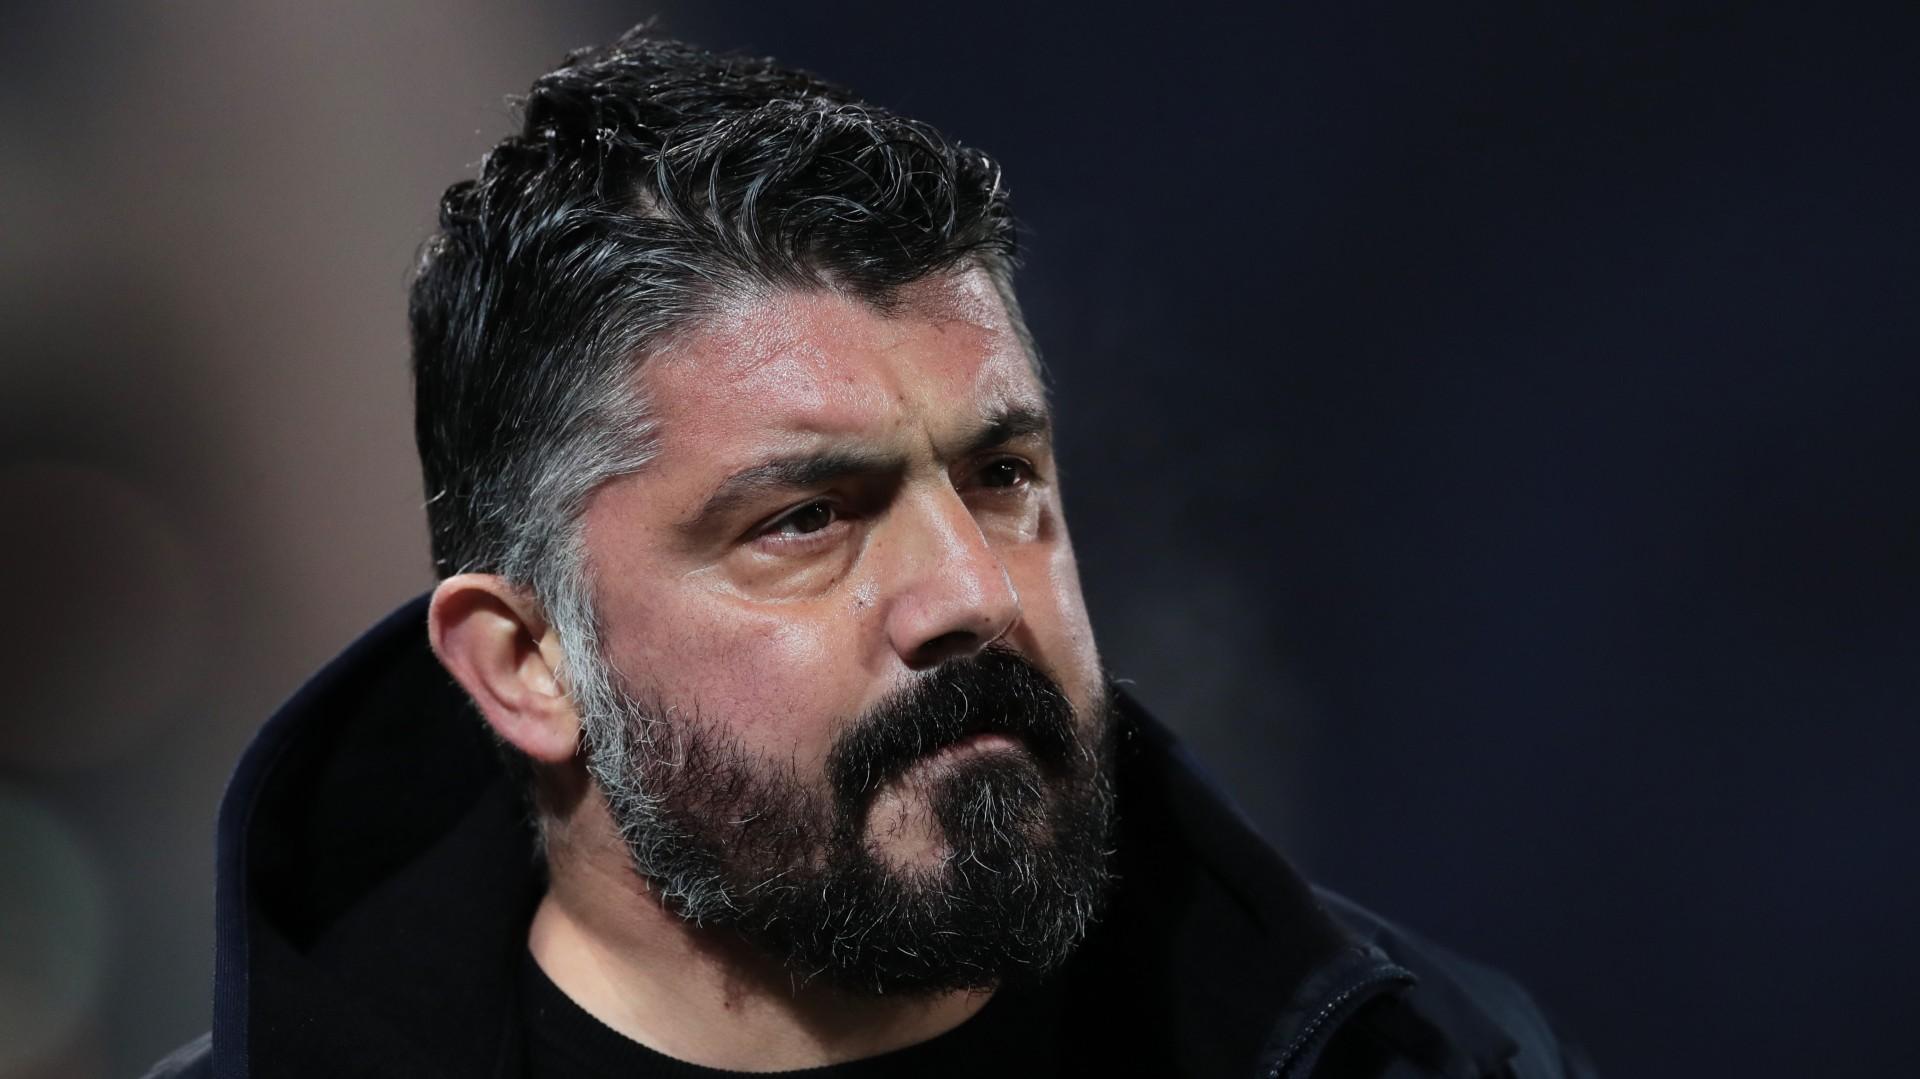 """Napoli fuori, Gattuso attacca: """"Chi ci rappresenta si deve far rispettare"""""""